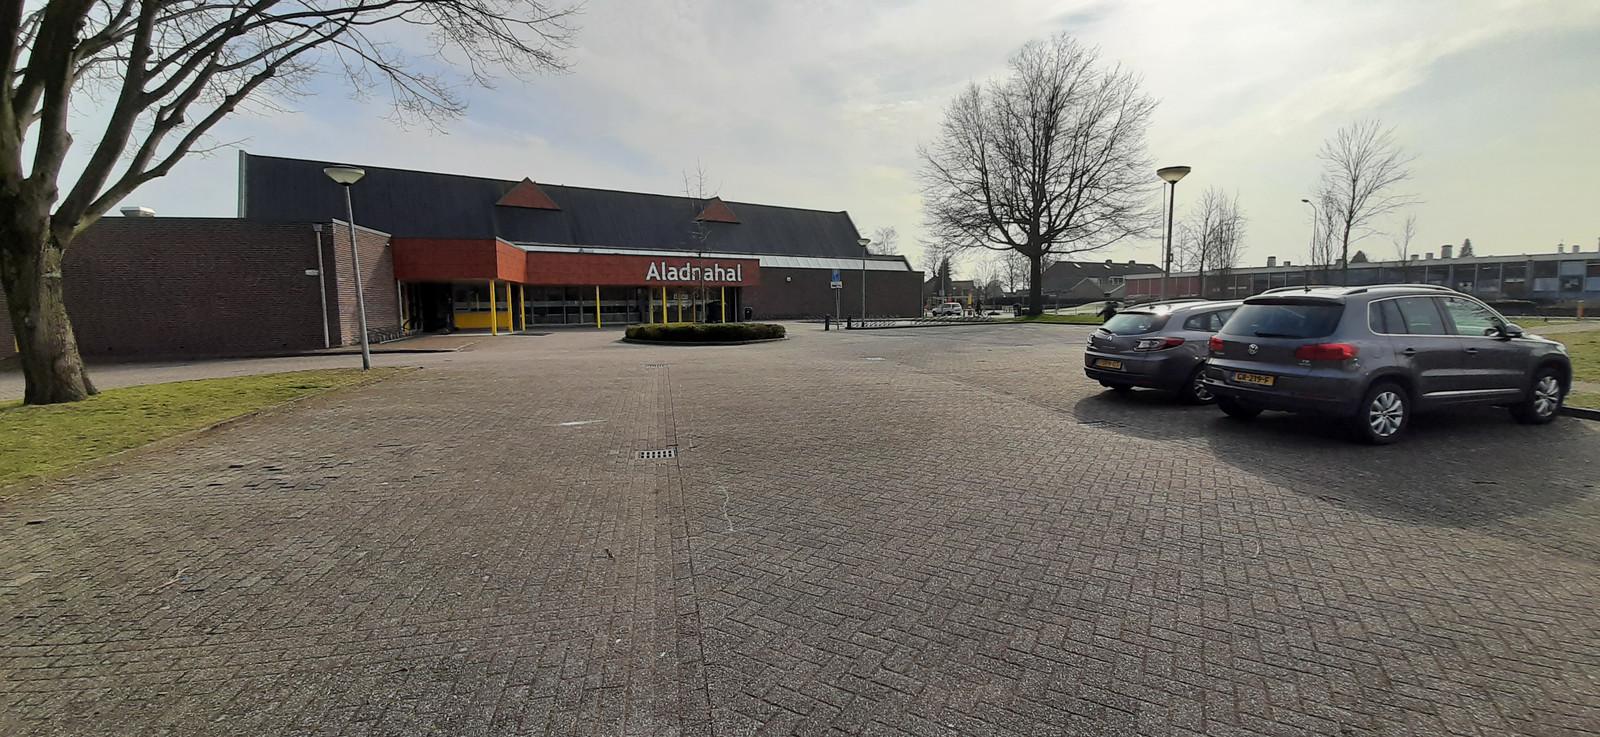 De Aladnahal in Aalten: niet helemaal vol, maar wel ruimte voor 236 zonnepanelen.